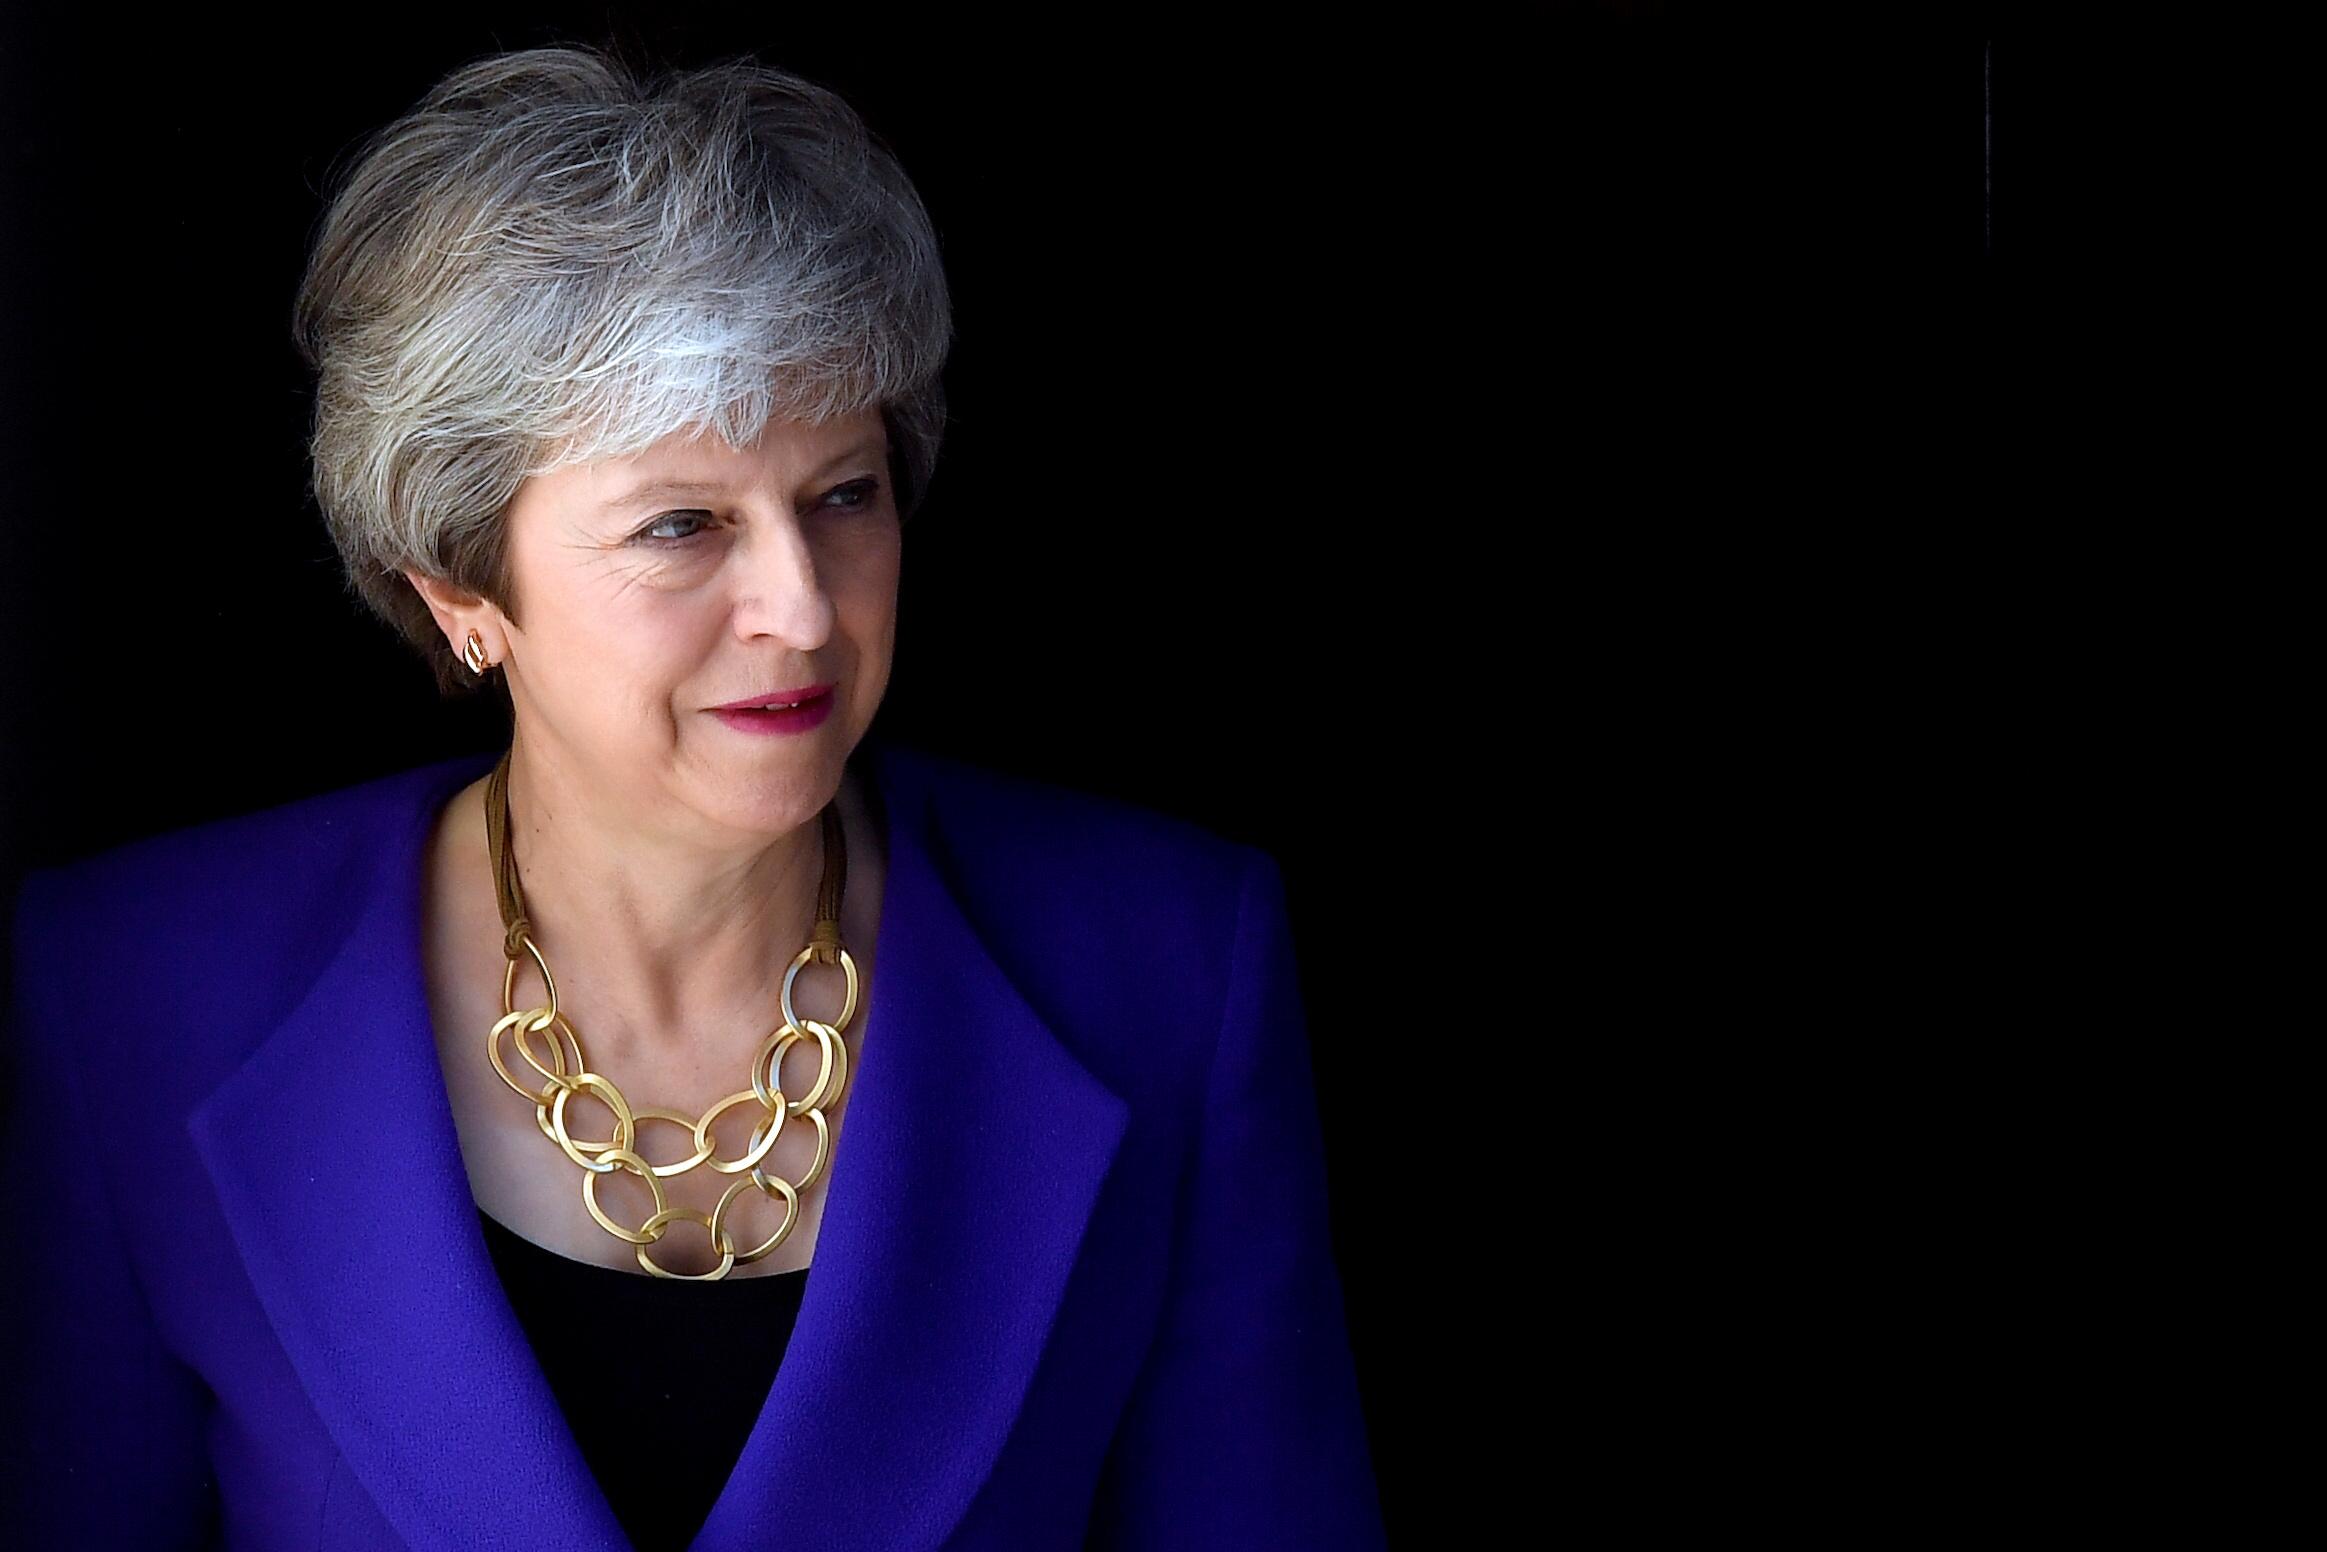 Brexit : Theresa May pourrait annoncer ce vendredi sa démission, selon The Times